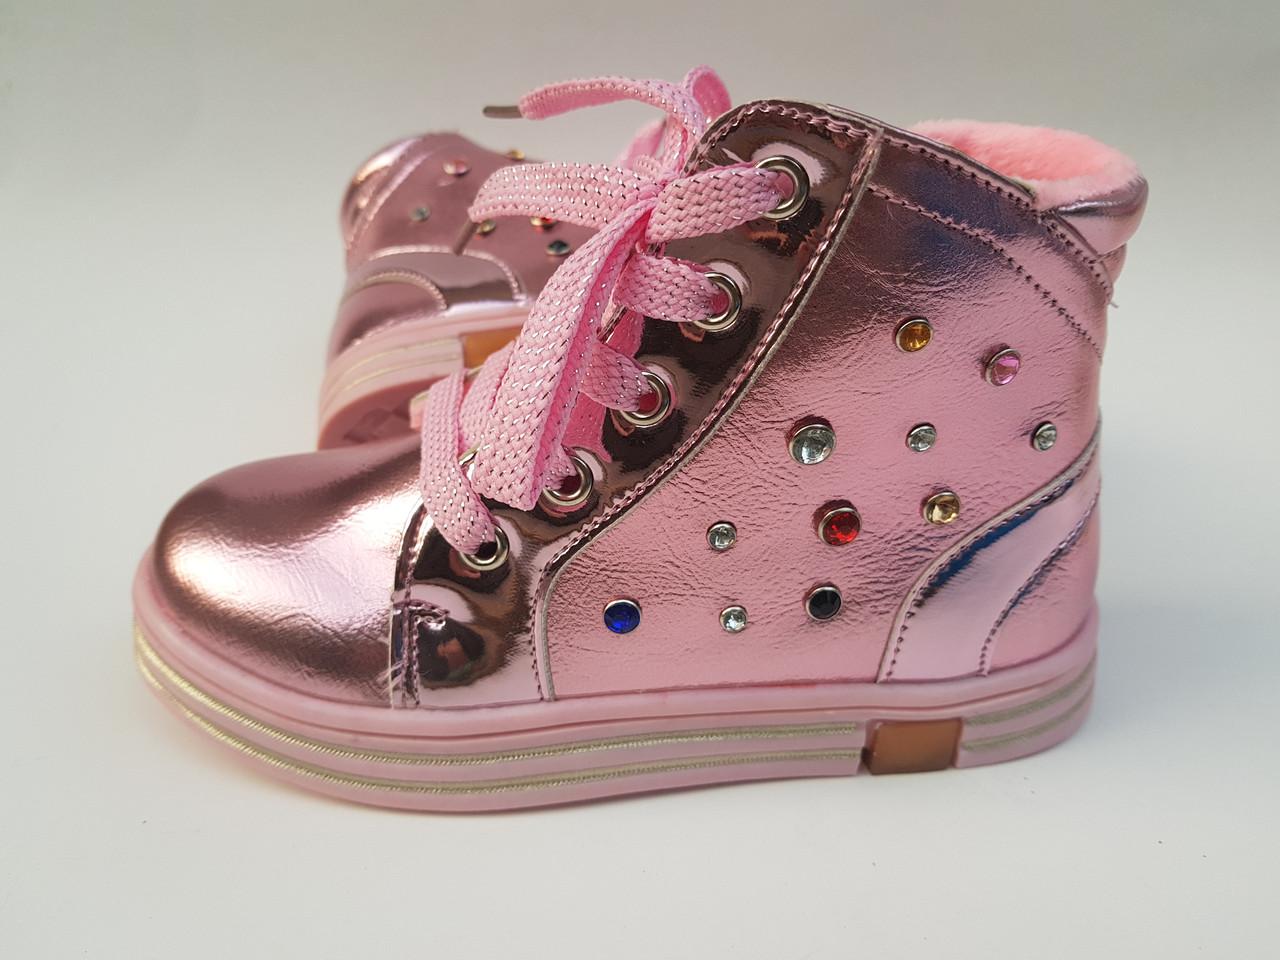 729ee663c Стильные и теплые весенние ботинки для девочки 27 - 32 размеры - KINDERTORG  в Днепре